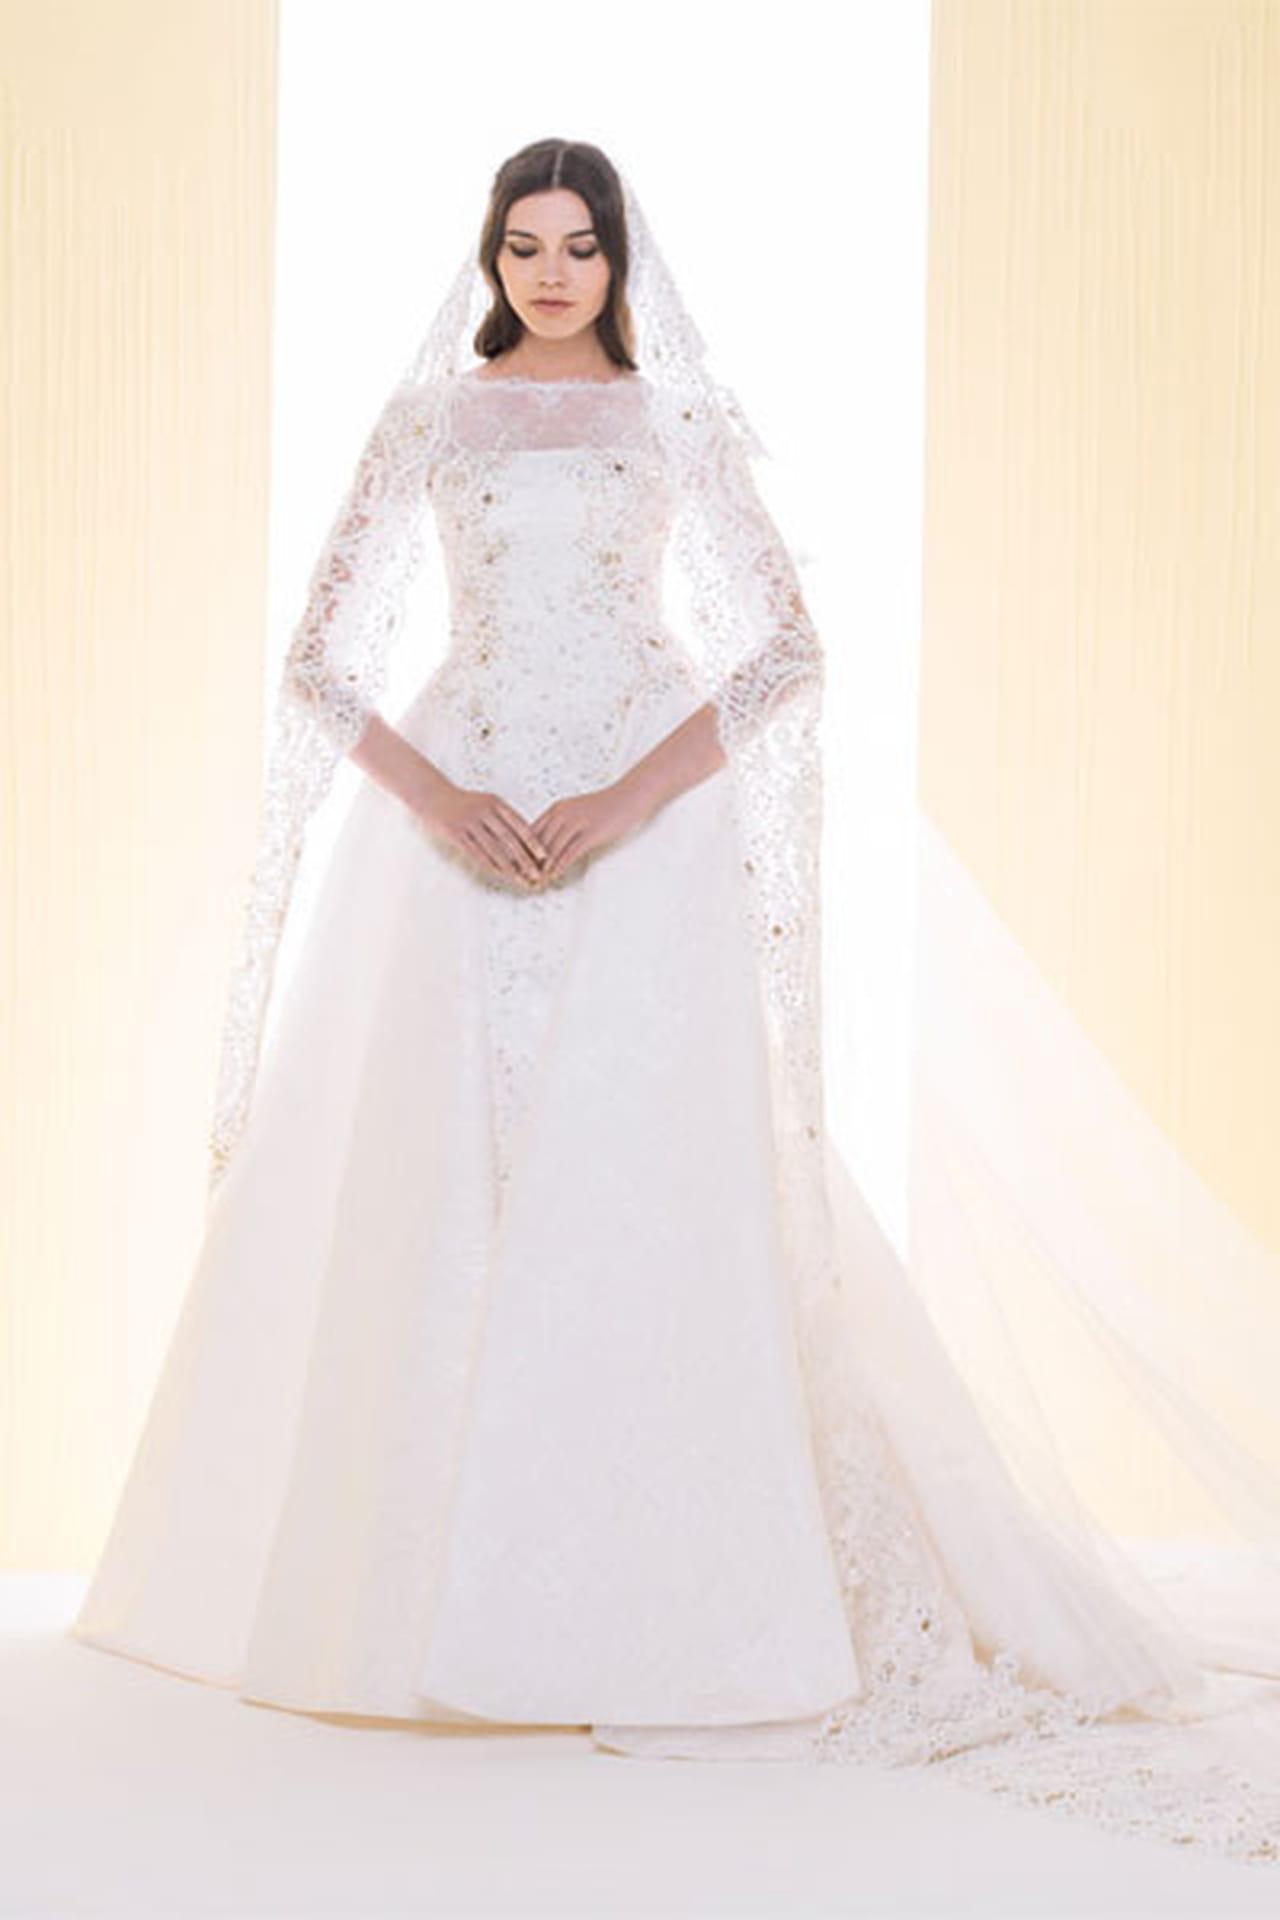 afaa8f4ba فساتين زفاف سعيد قبيسي 2016 - صورة رقم 8